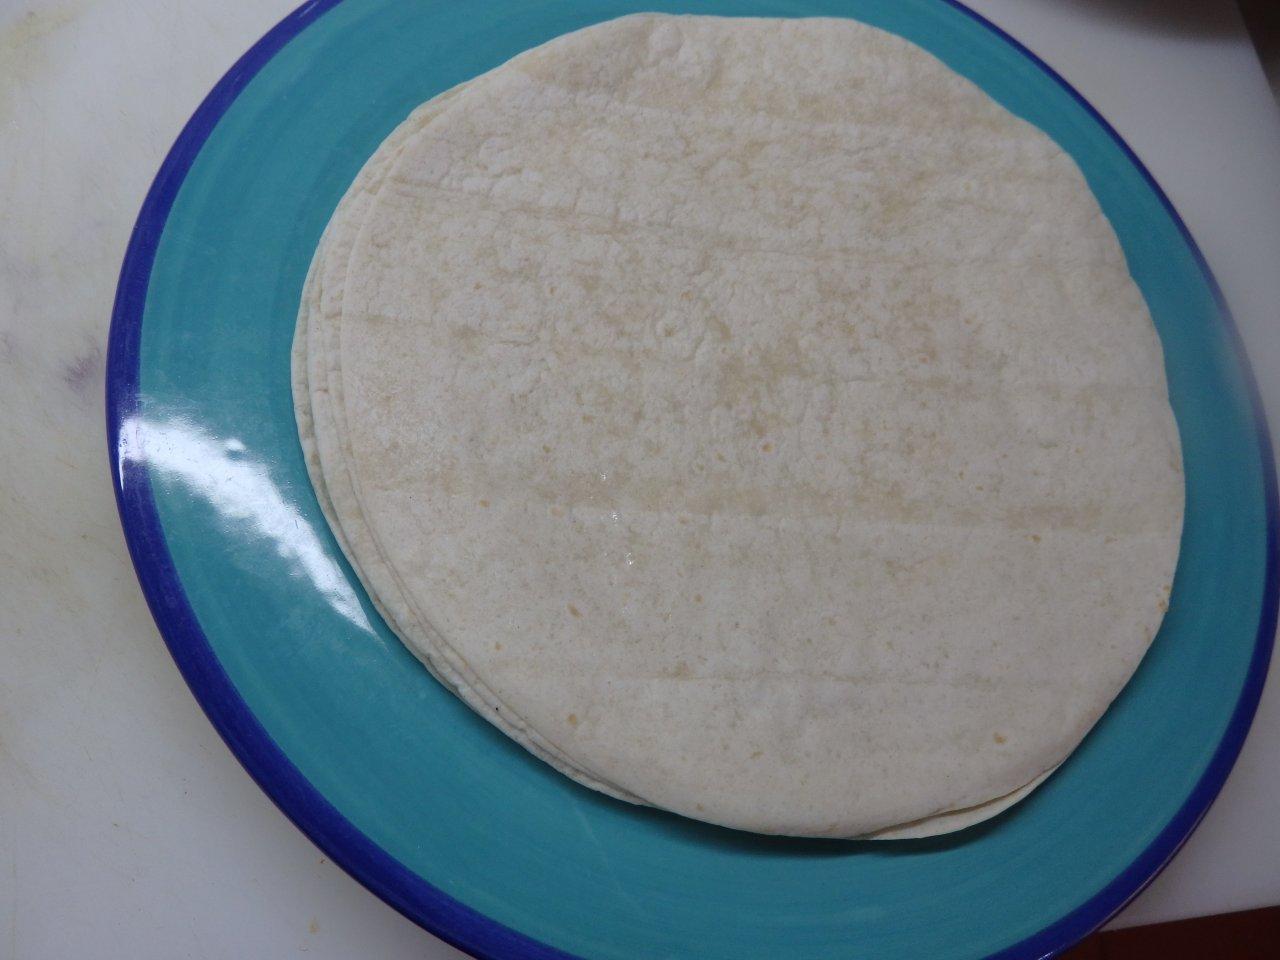 Tortilhas com Manteiga e Orégãos tortilhas com manteiga e orégãos Tortilhas com Manteiga e Orégãos Tortilhas com Manteiga e Oregaos 1